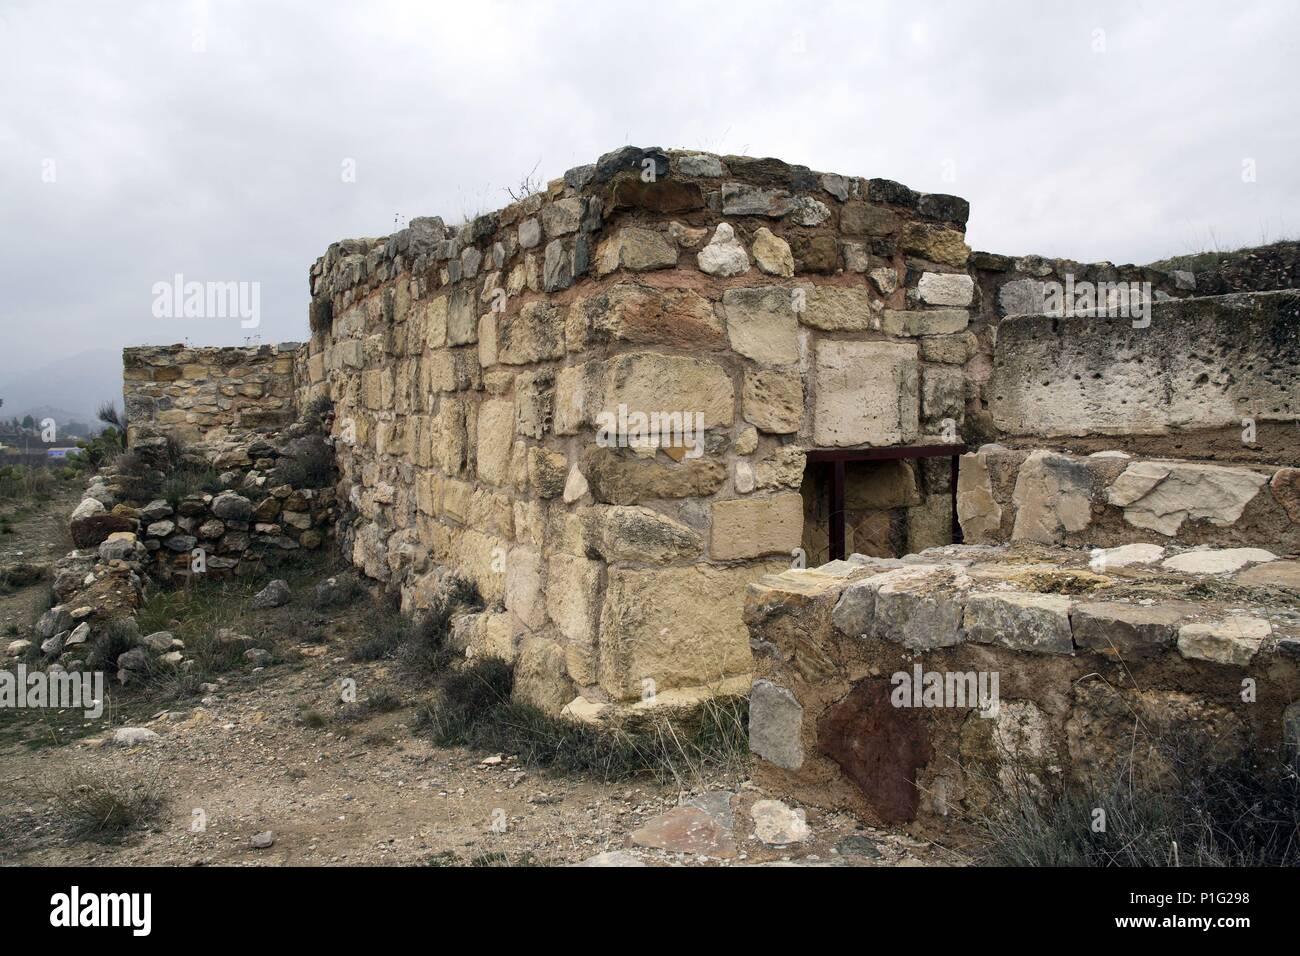 SPAIN - Cuenca de Mula (district) - MURCIA. Cehegín; Yacimiento ciudad visigoda / íbera de Begastri; murallas. - Stock Image